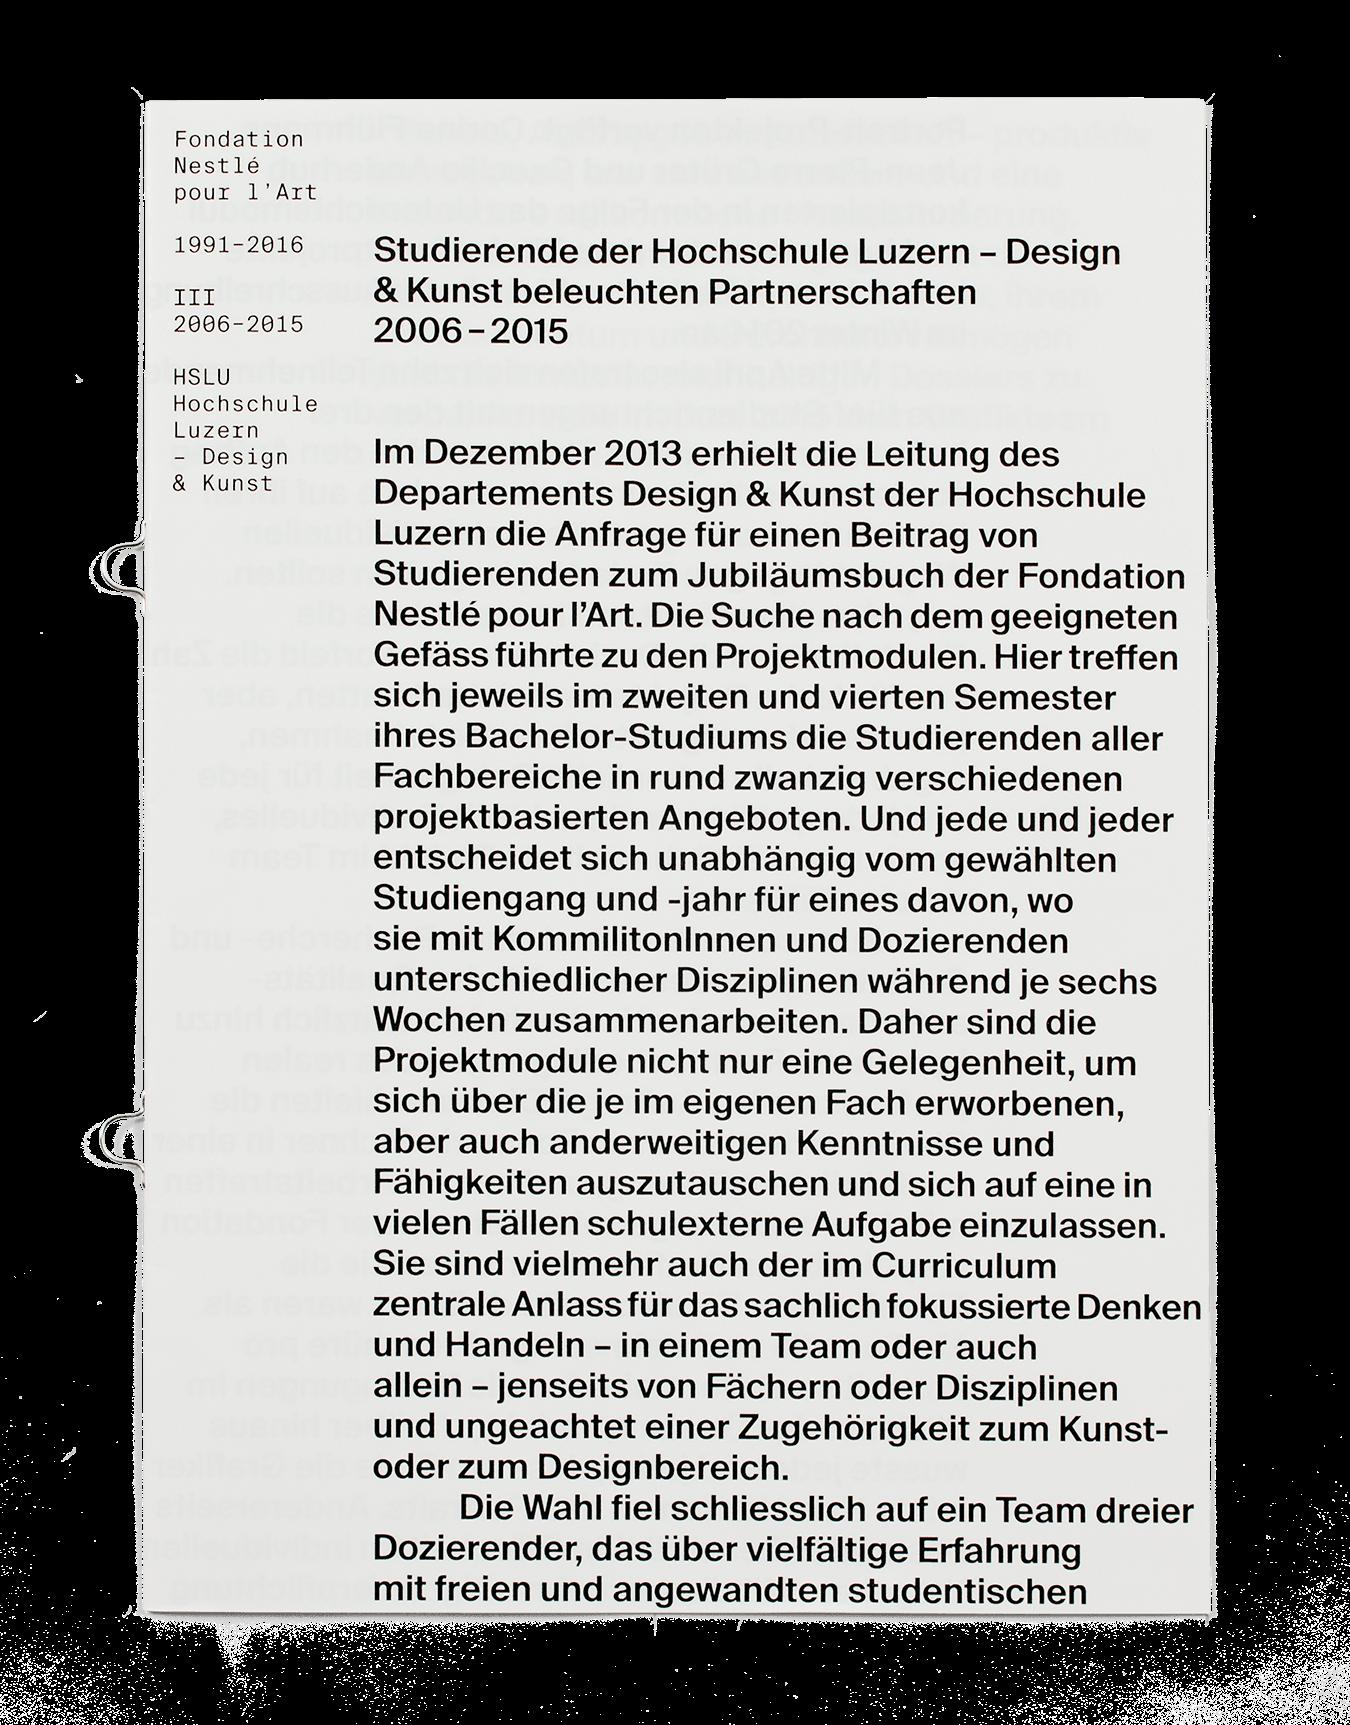 Coffret Fondation Nestlé pour l'art: Couverture de la brochure d'introduction aux travaux des étudiant·e·s de la HSLU (Lucerne).